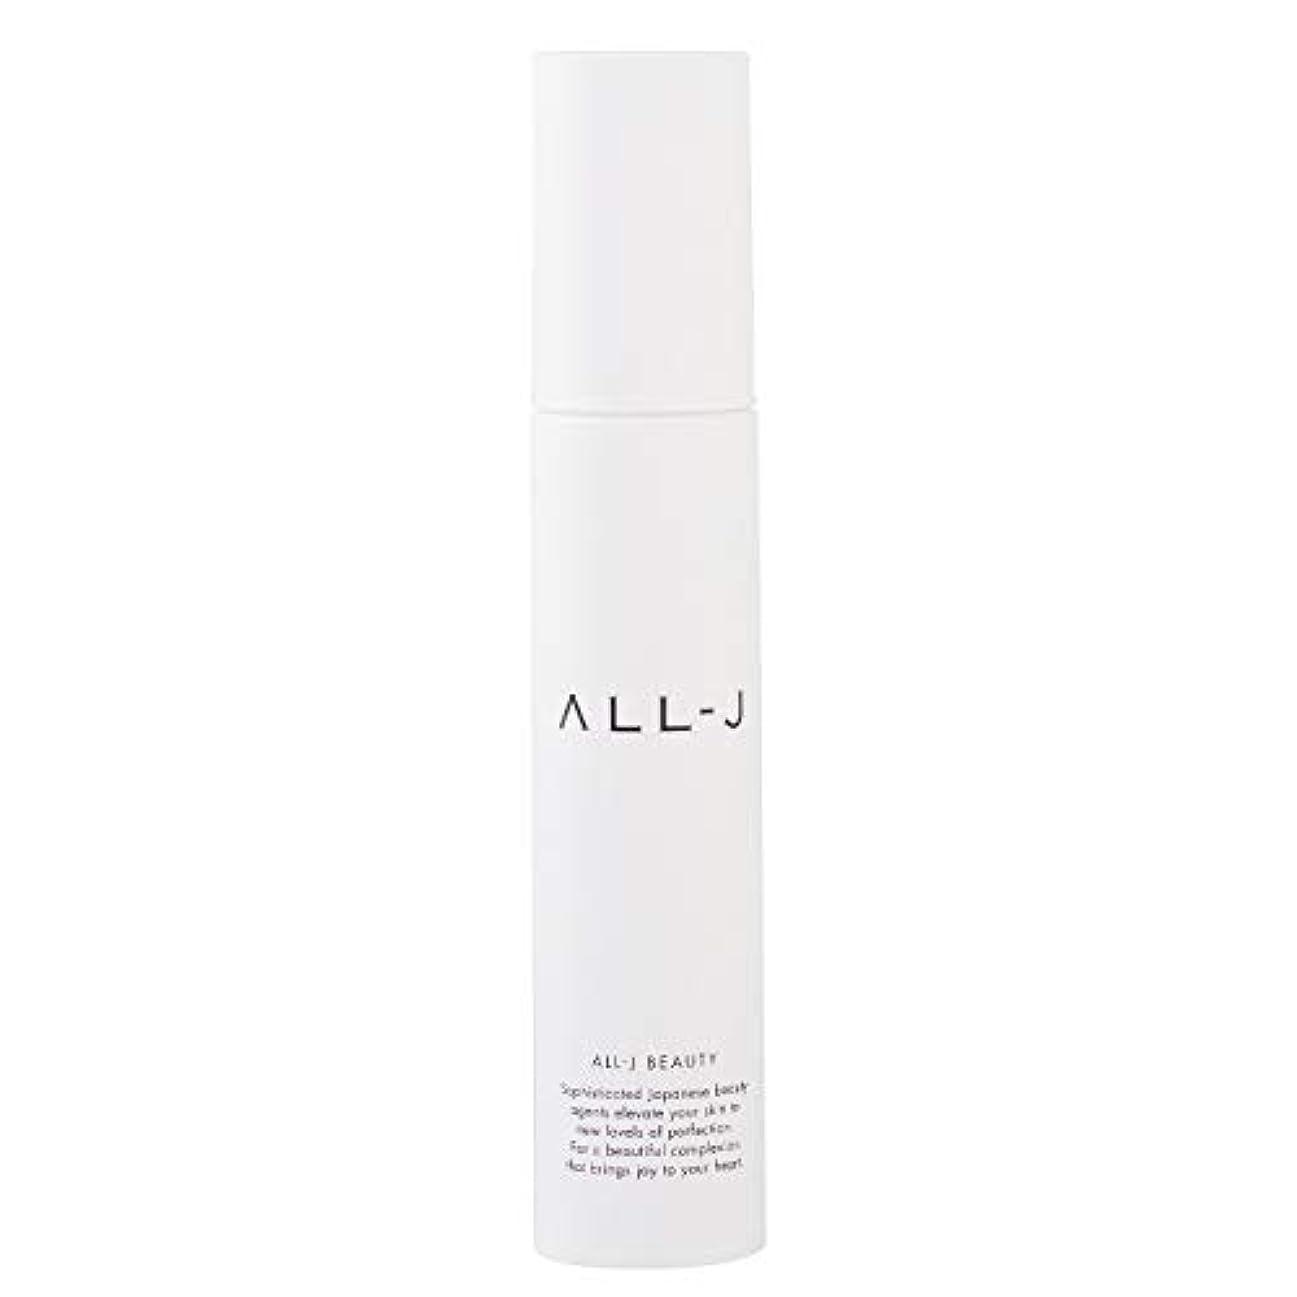 スペイン語可決投票ALL-J (オールジェイ) オールインワンジェル モイスチャーゲルクリーム 50g セラミド 保湿 美容液